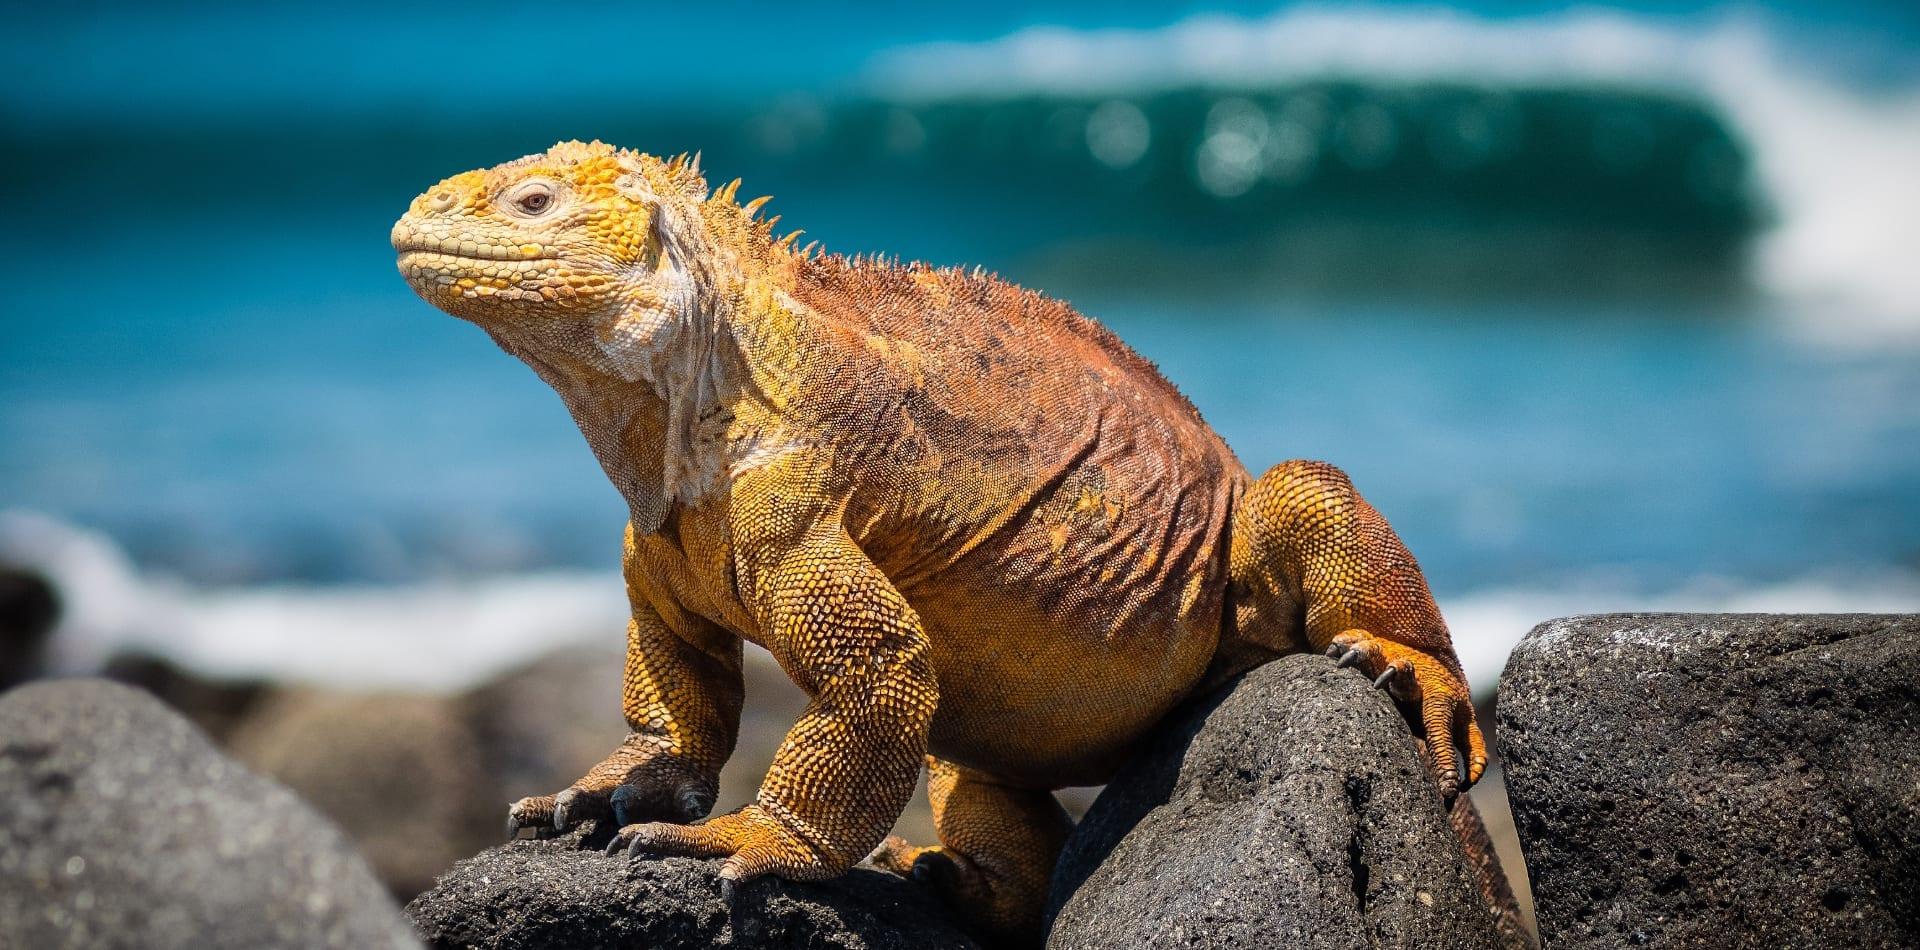 Iguana on the Galapagos Islands, Ecuador